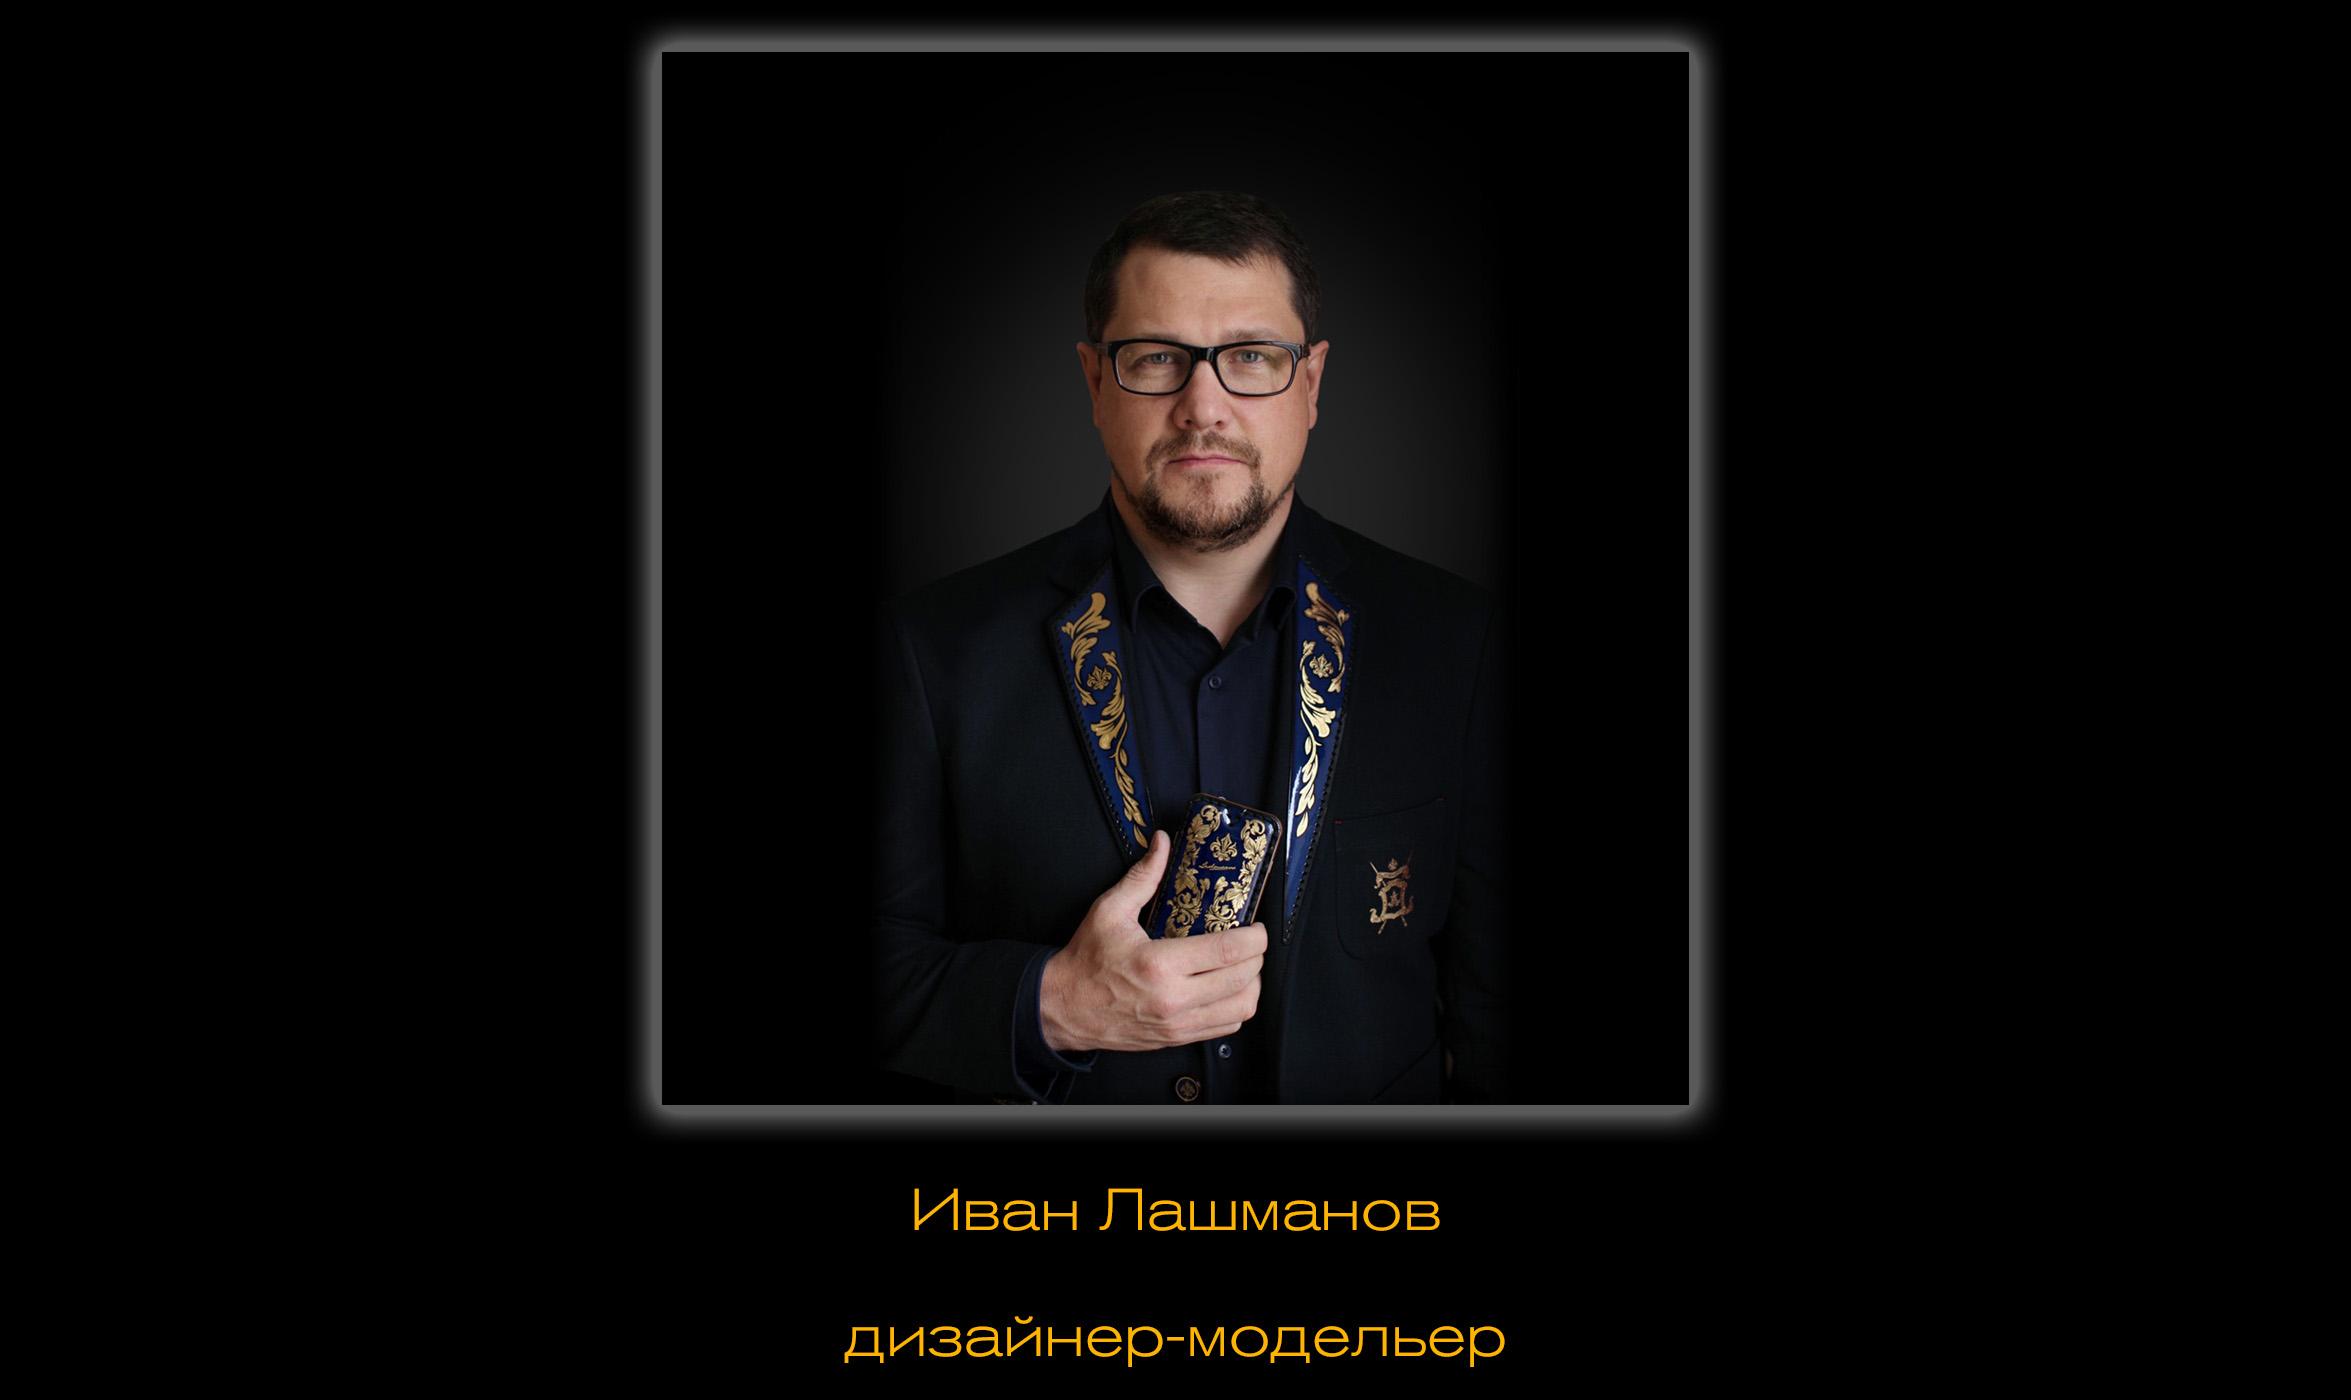 Лицо бренда Лашманов - Иван Лашманов